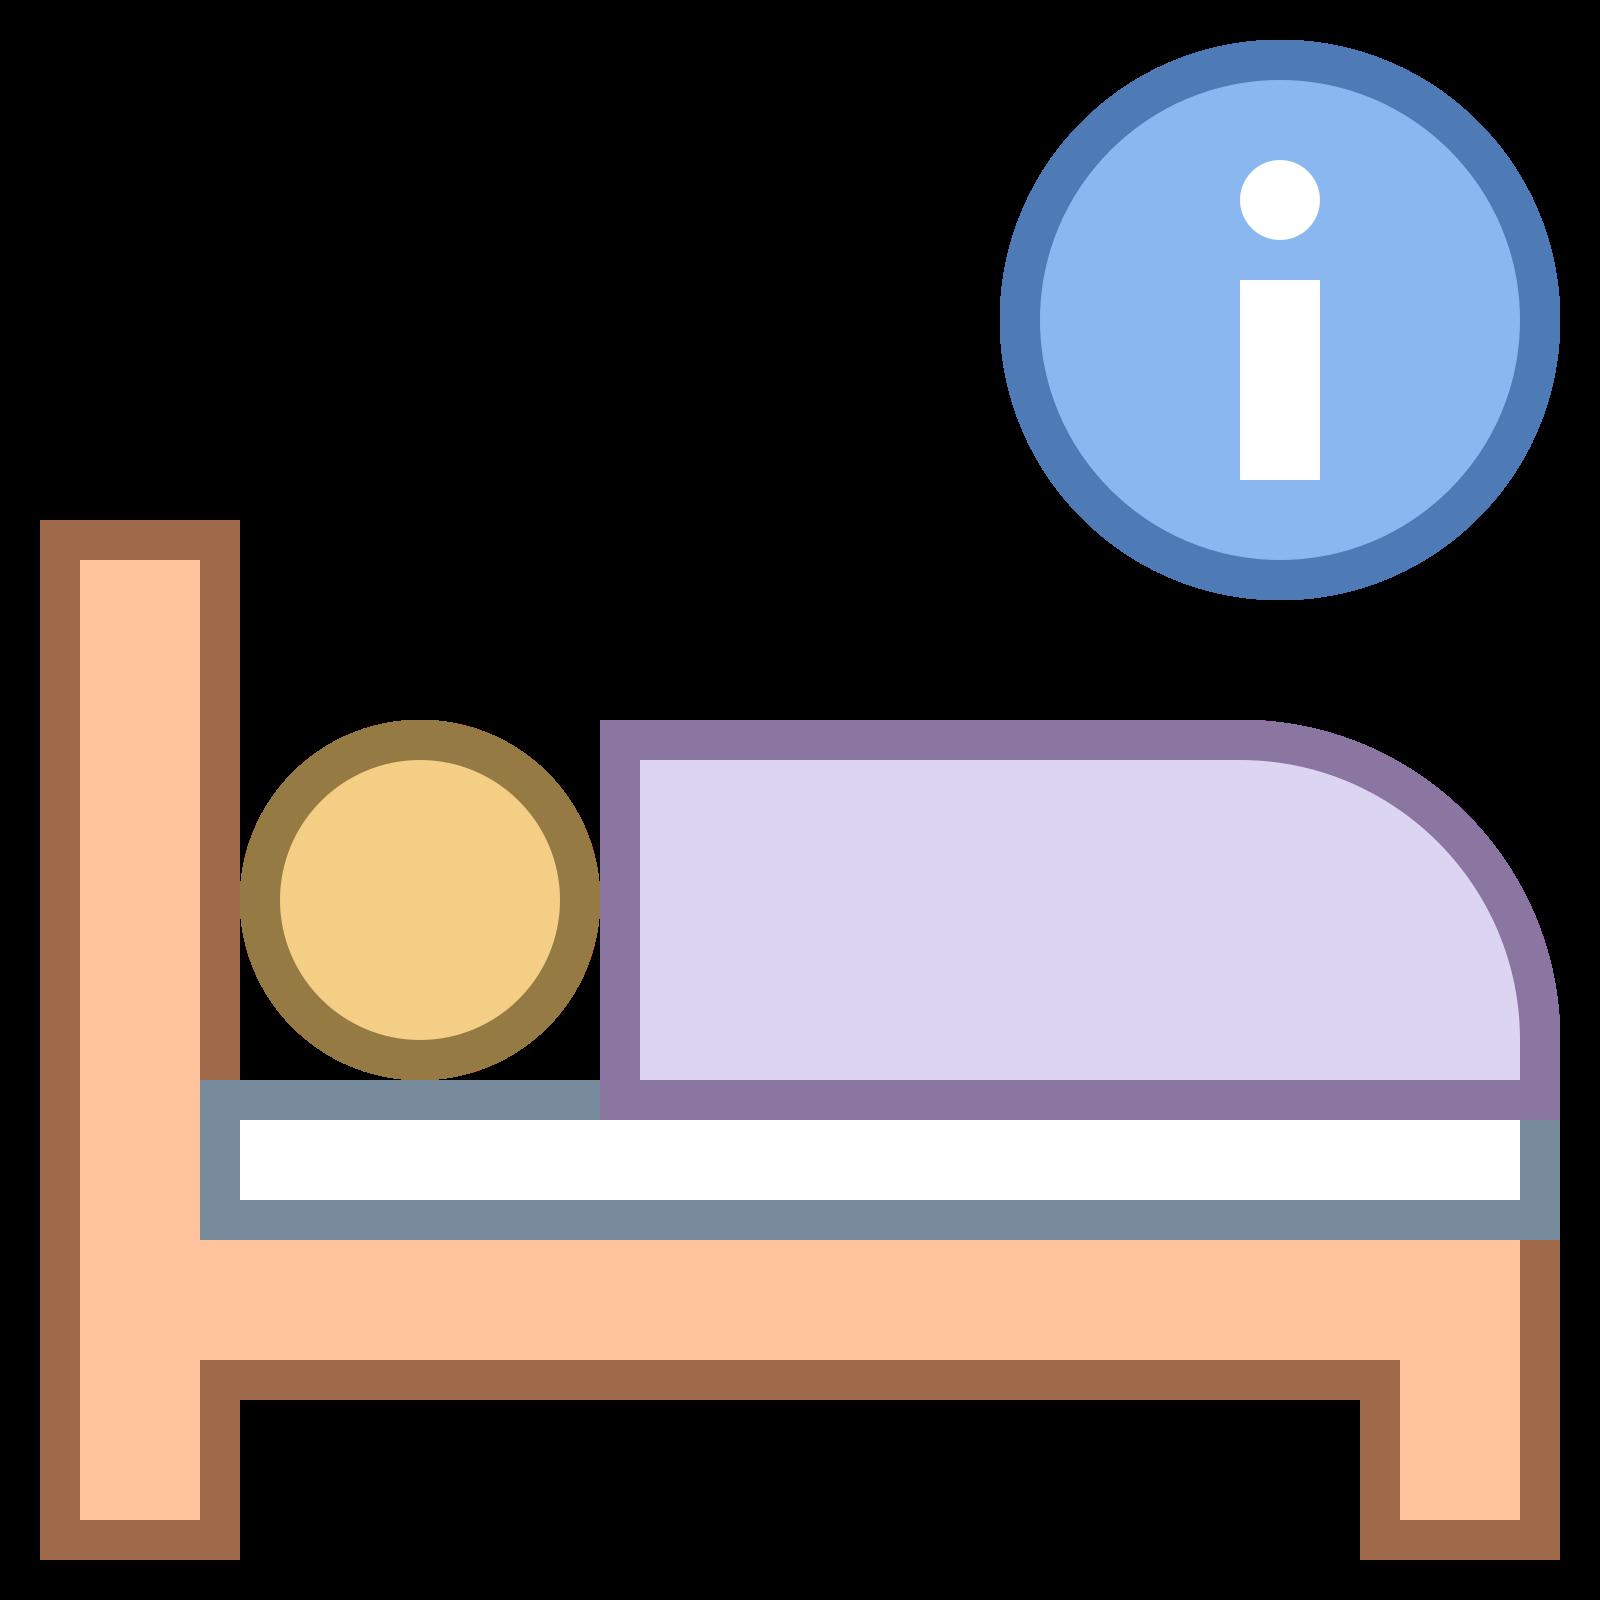 """酒店信息 icon. In this icon is a person sleeping on a bed with an encircled letter """"i"""" above their head. This depicts to the onlooker the possibility of obtaining hotel/sleeping information."""